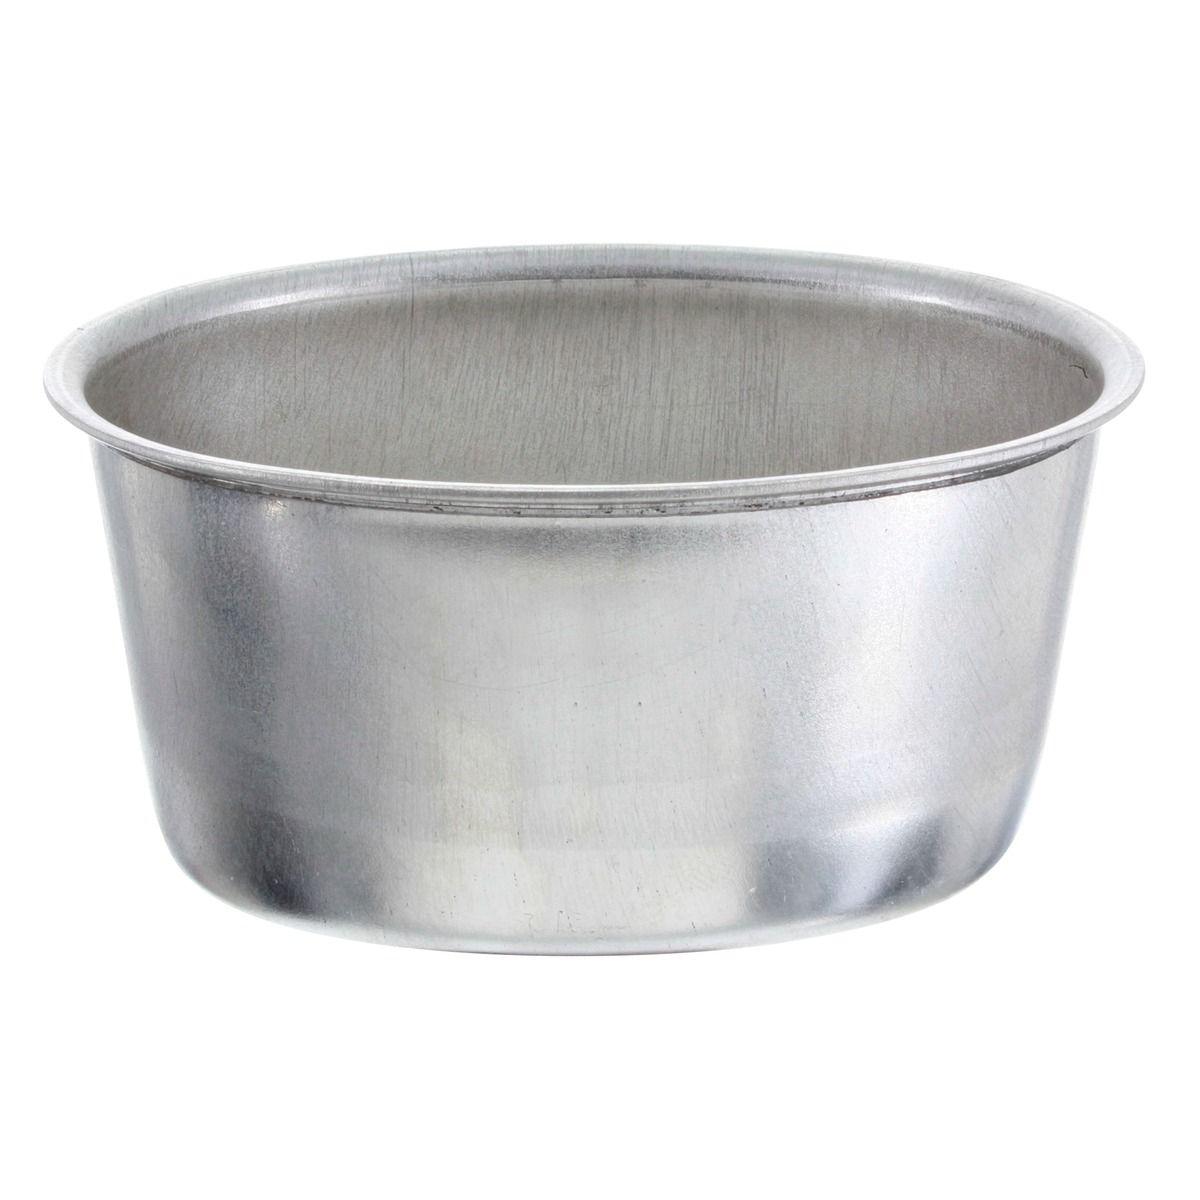 Moule à aspic ovale en fer blanc 7.5 cm - Alice Délice